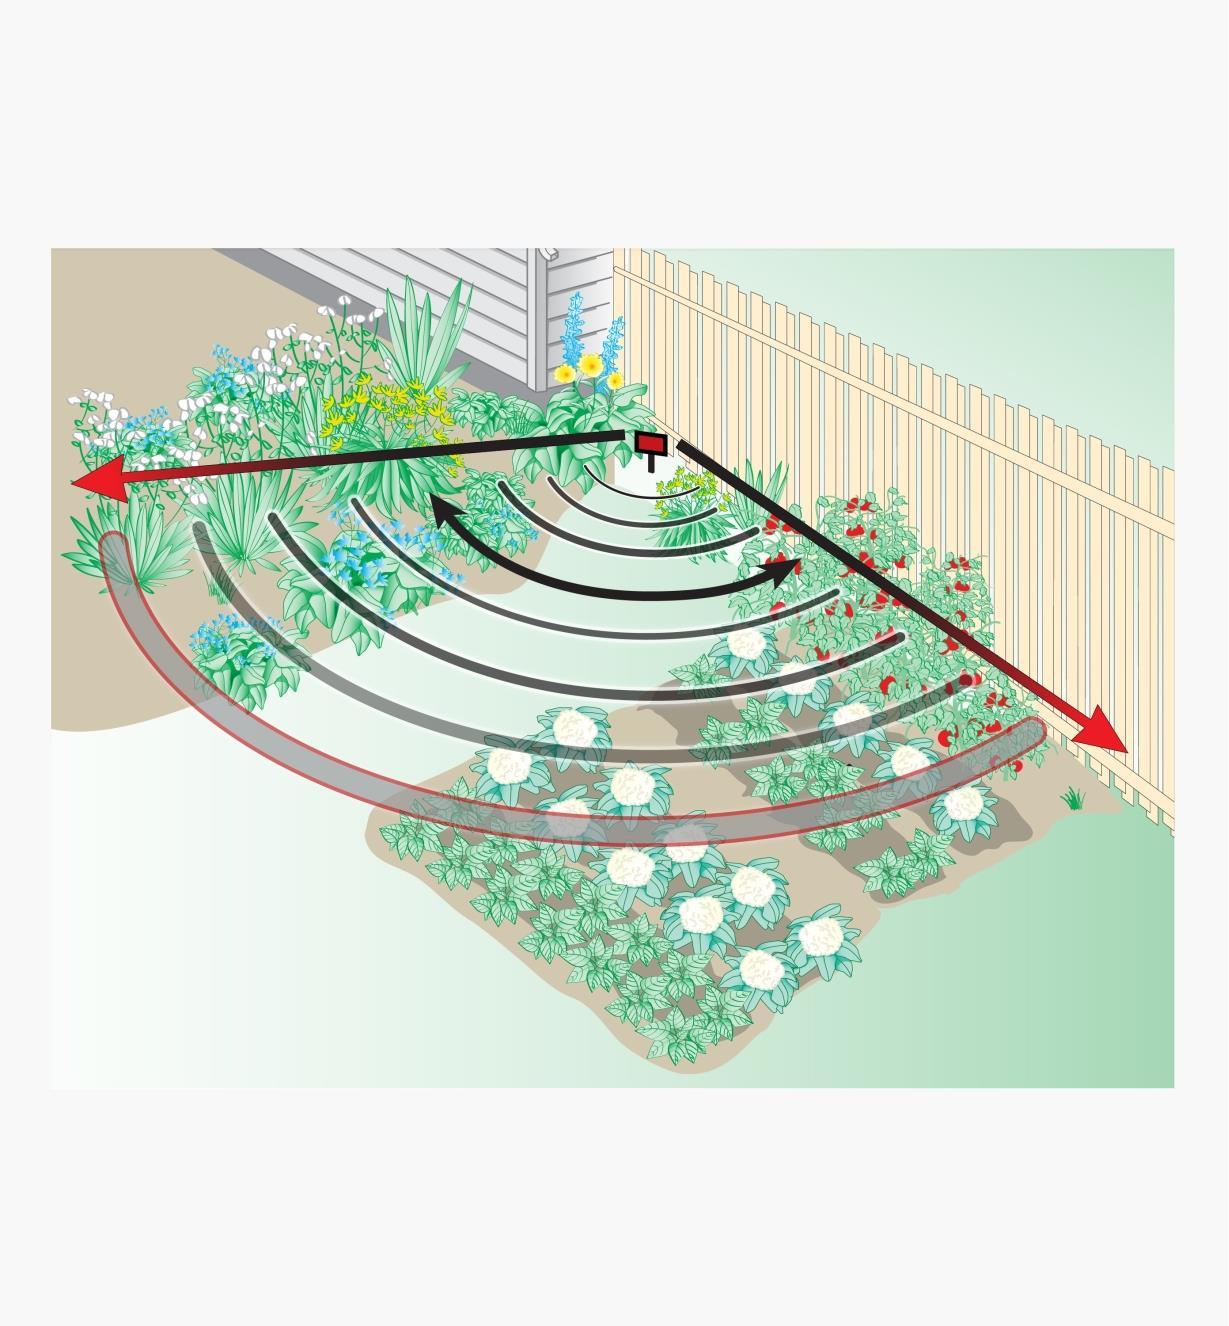 Schéma d'un jardin indiquant la portée réglable de la détection de mouvement de l'effaroucheur à ultrasons